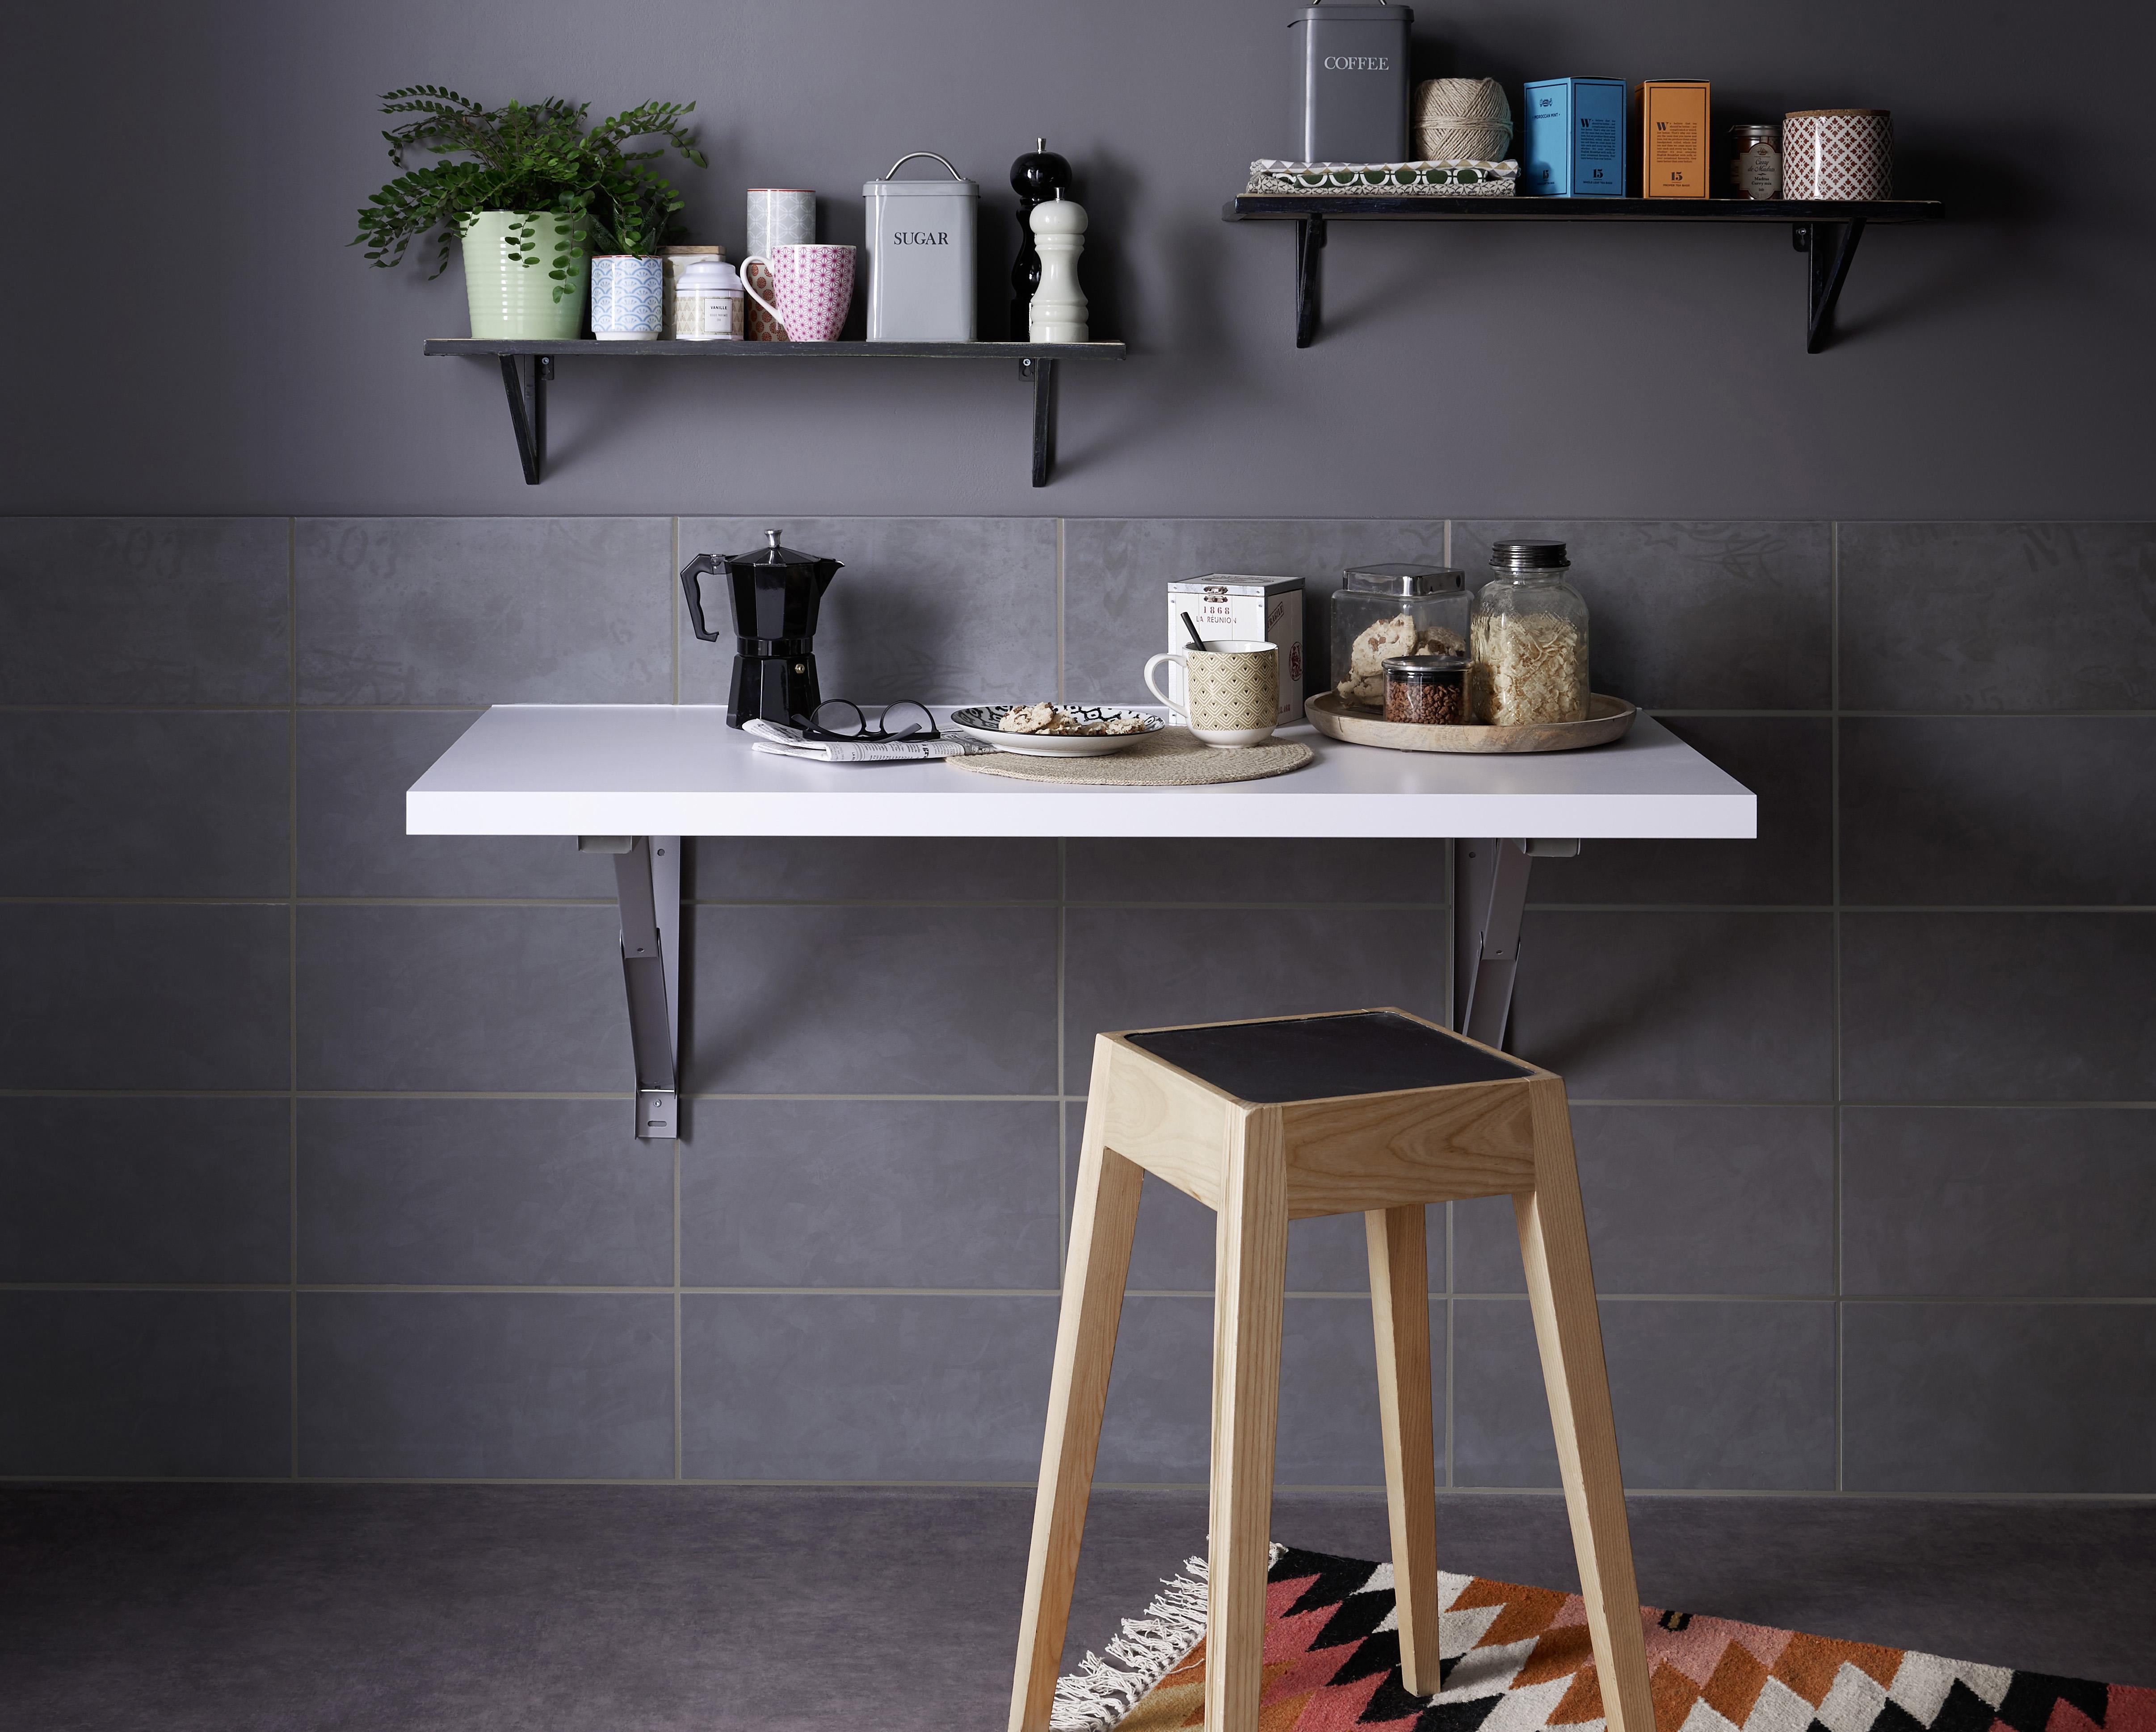 201721196 lapeyre carrelage de cuisine fusion gris avec et sans motifs lapeyre presse. Black Bedroom Furniture Sets. Home Design Ideas